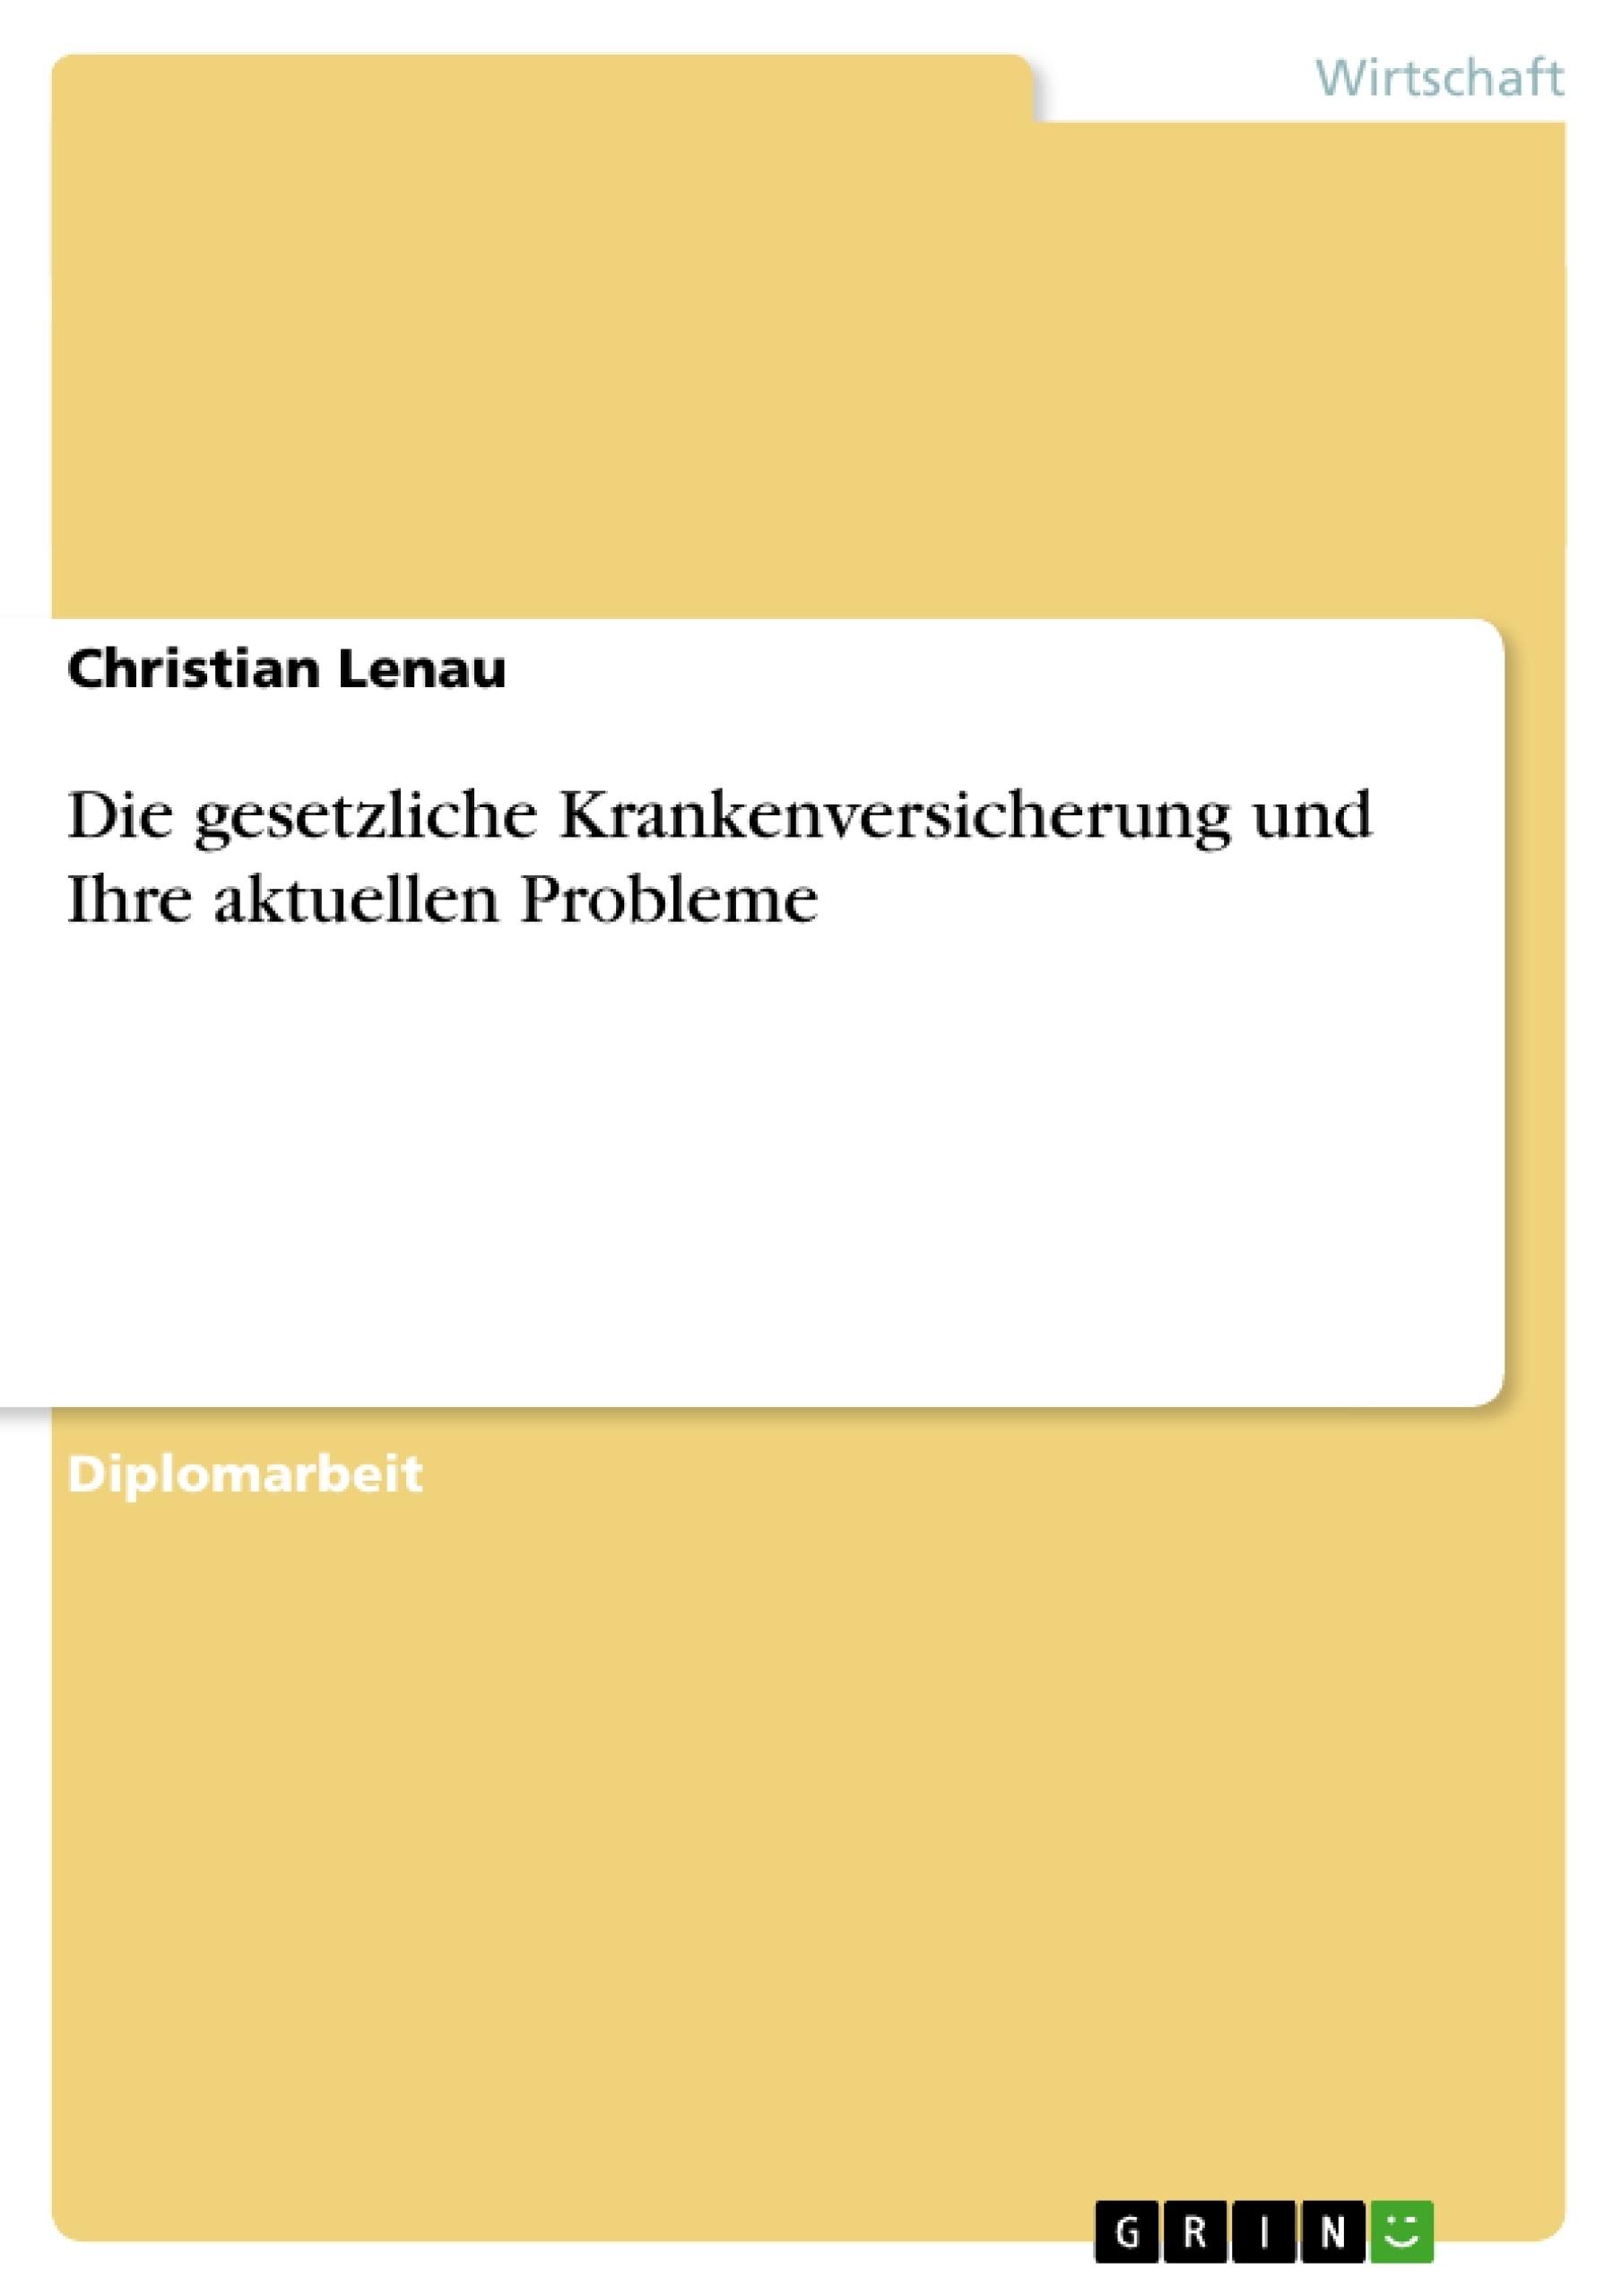 Titel: Die gesetzliche Krankenversicherung und Ihre aktuellen Probleme